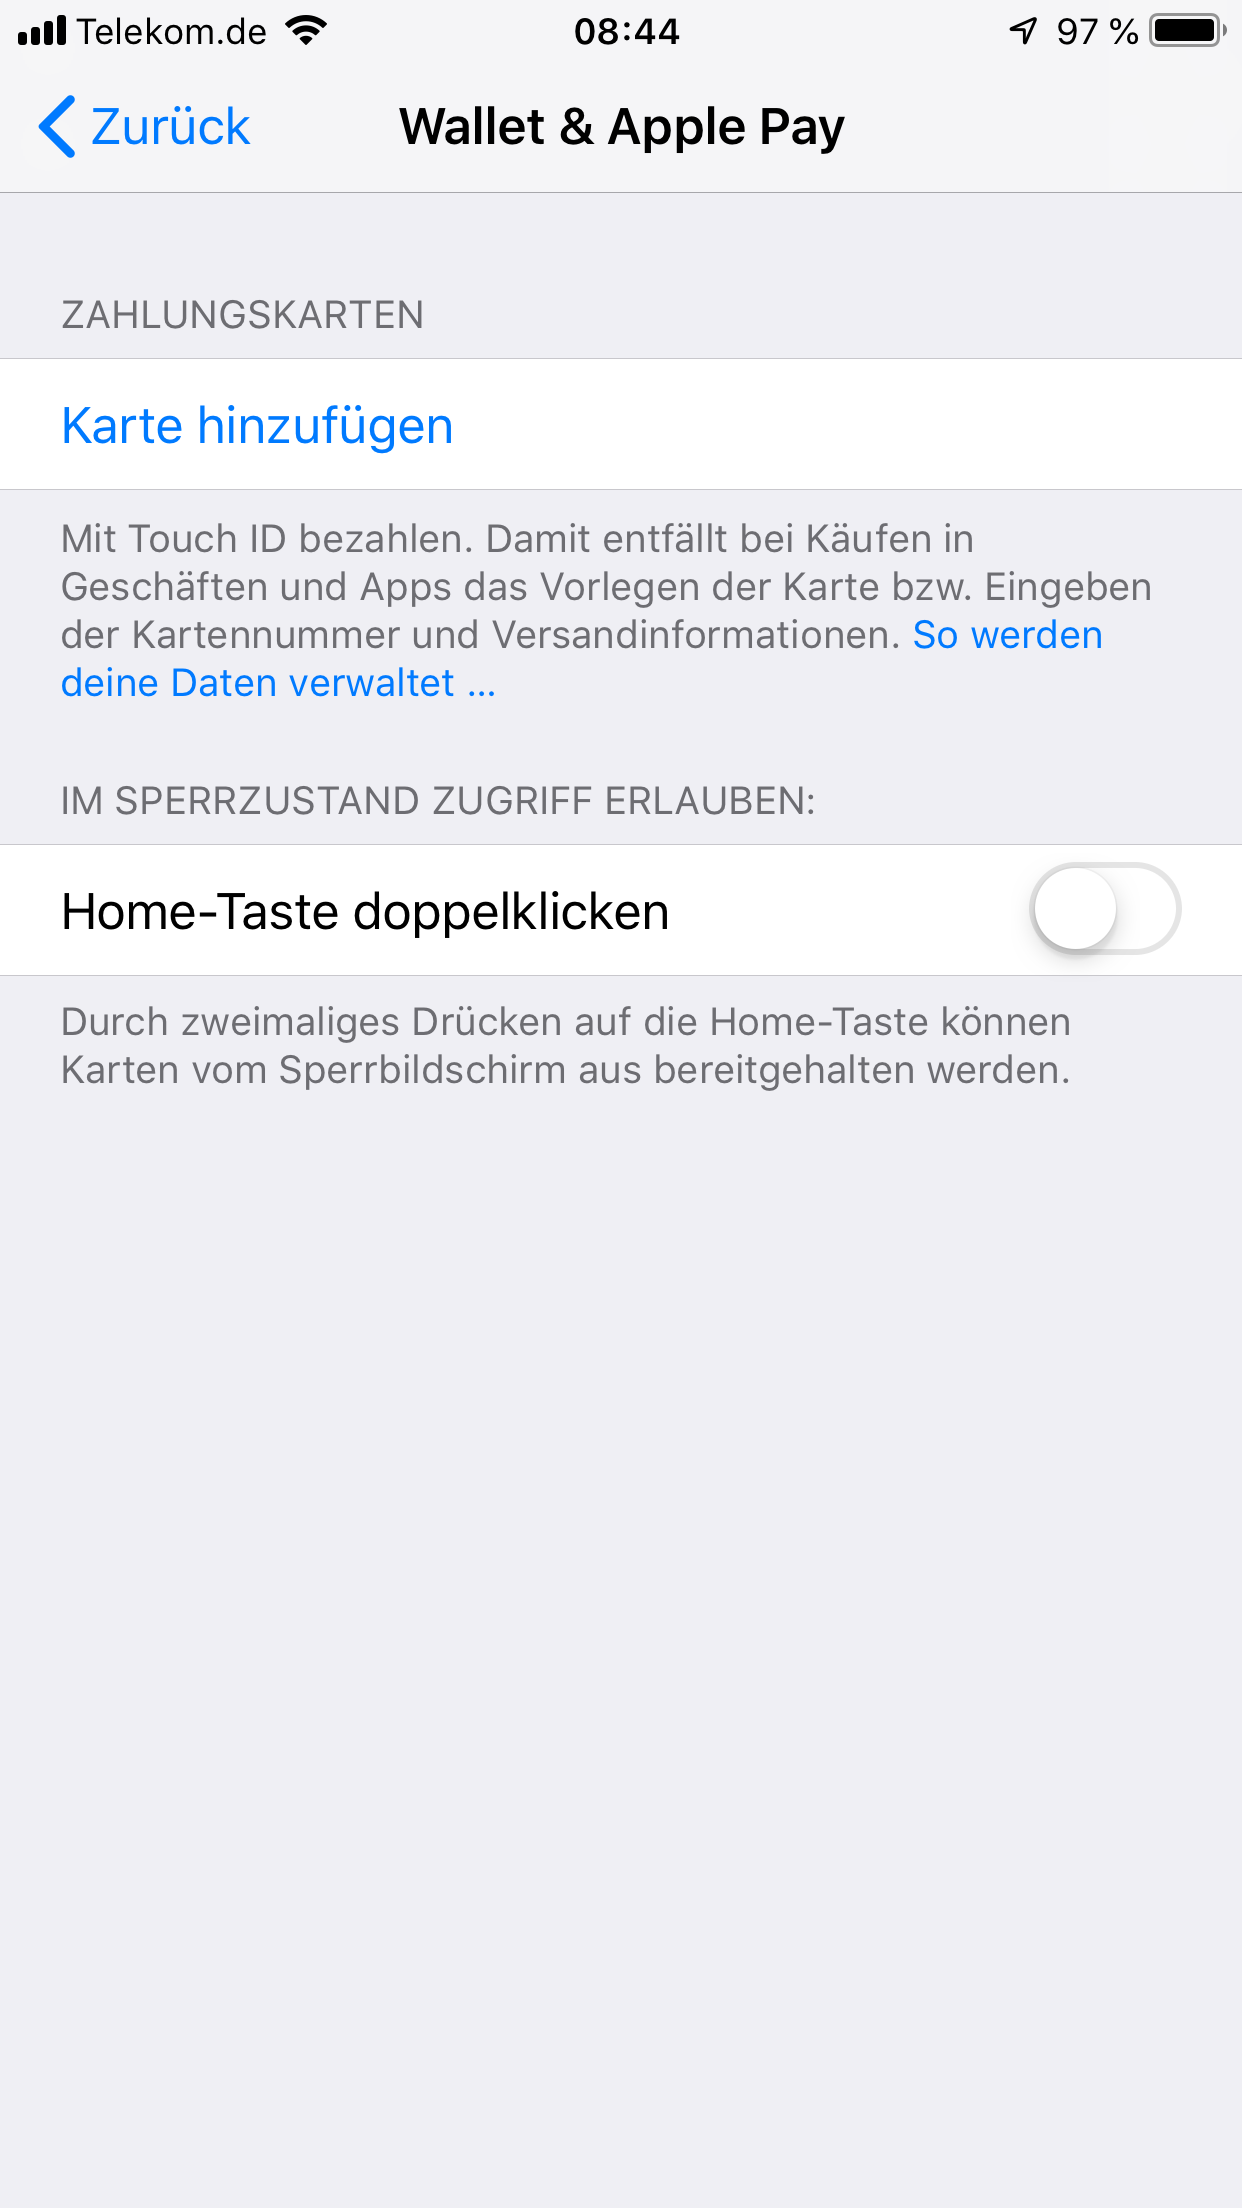 Ec Karte Kartennummer.Apple Pay Fragen Und Antworten News Mactechnews De